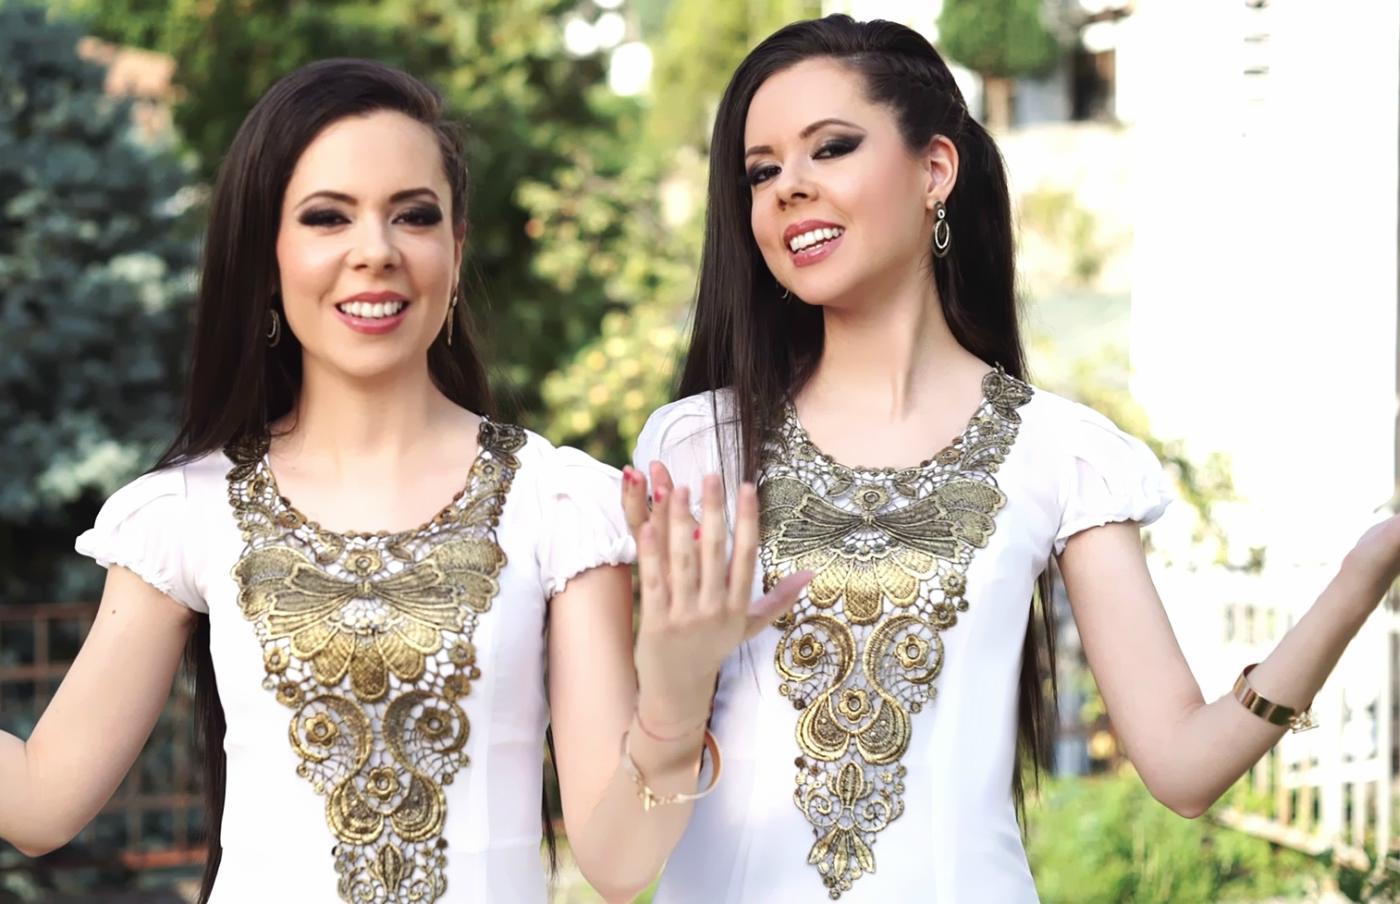 Мария и Магдалена Филатови заснеха любимата си песен